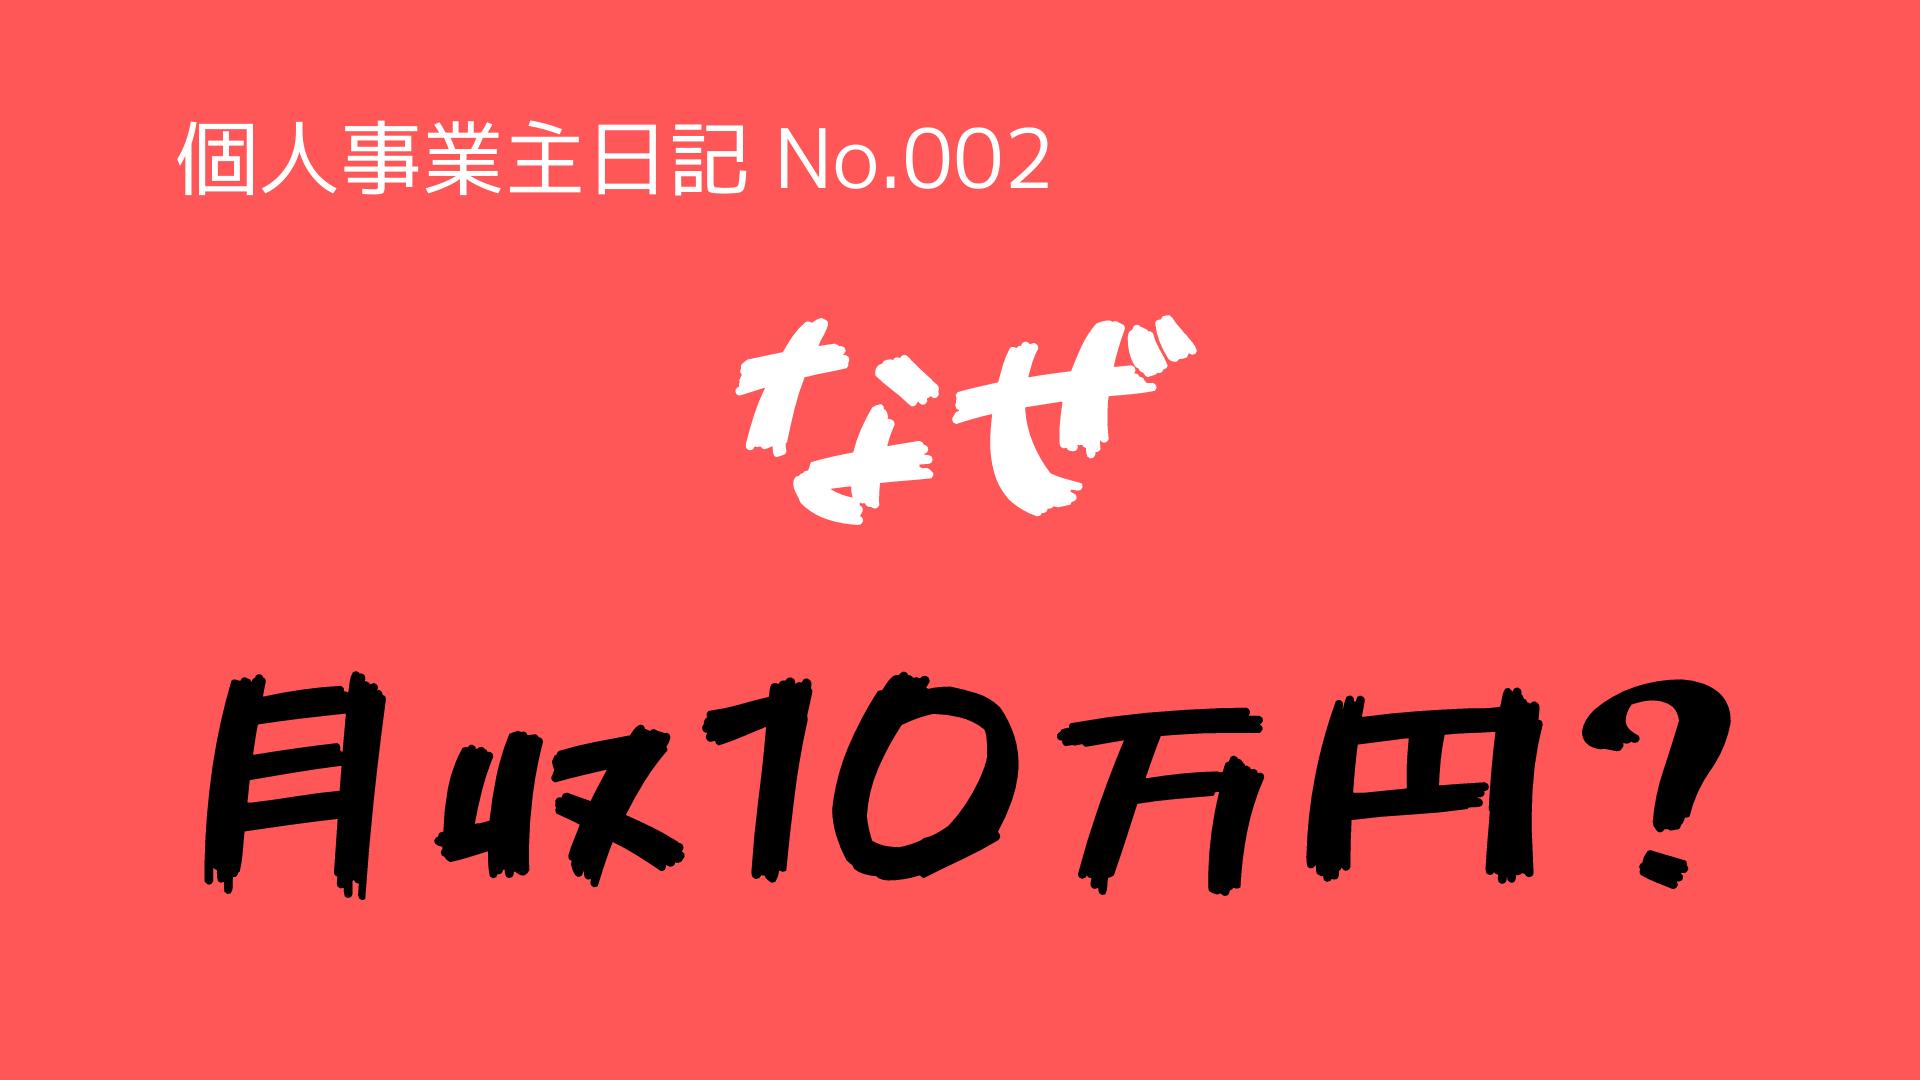 (個人事業主日記-No.002)なぜ、月収『10万円』なのか?